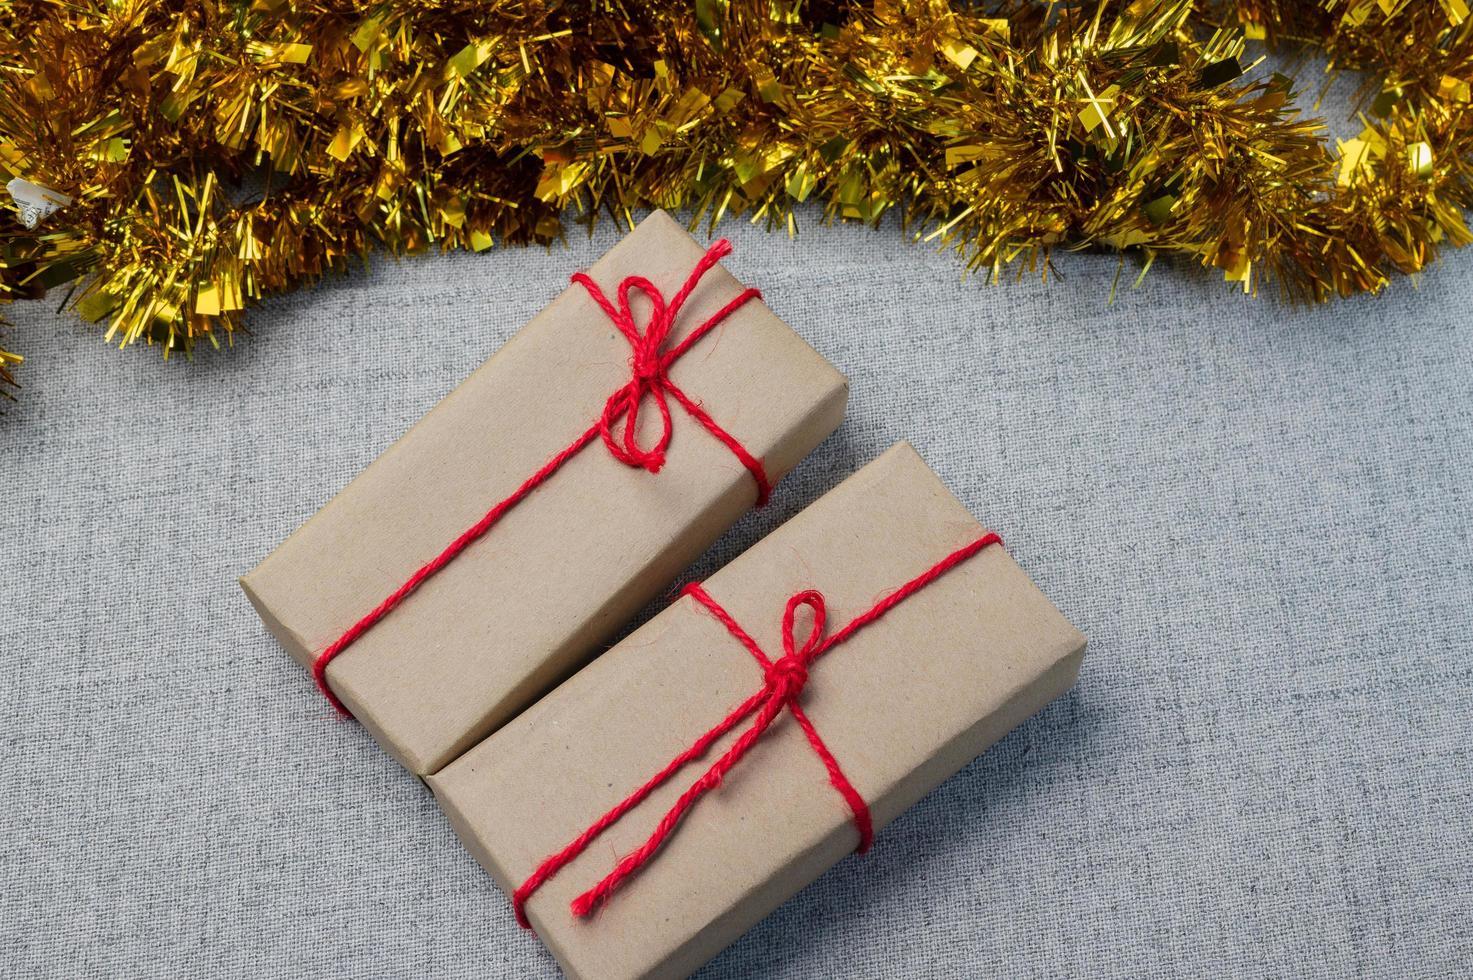 Geschenkbox, Geschenkbox des neuen Jahres, Weihnachtsgeschenkbox, Kopienraum. Weihnachten, Jahr, Geburtstagskonzept. foto